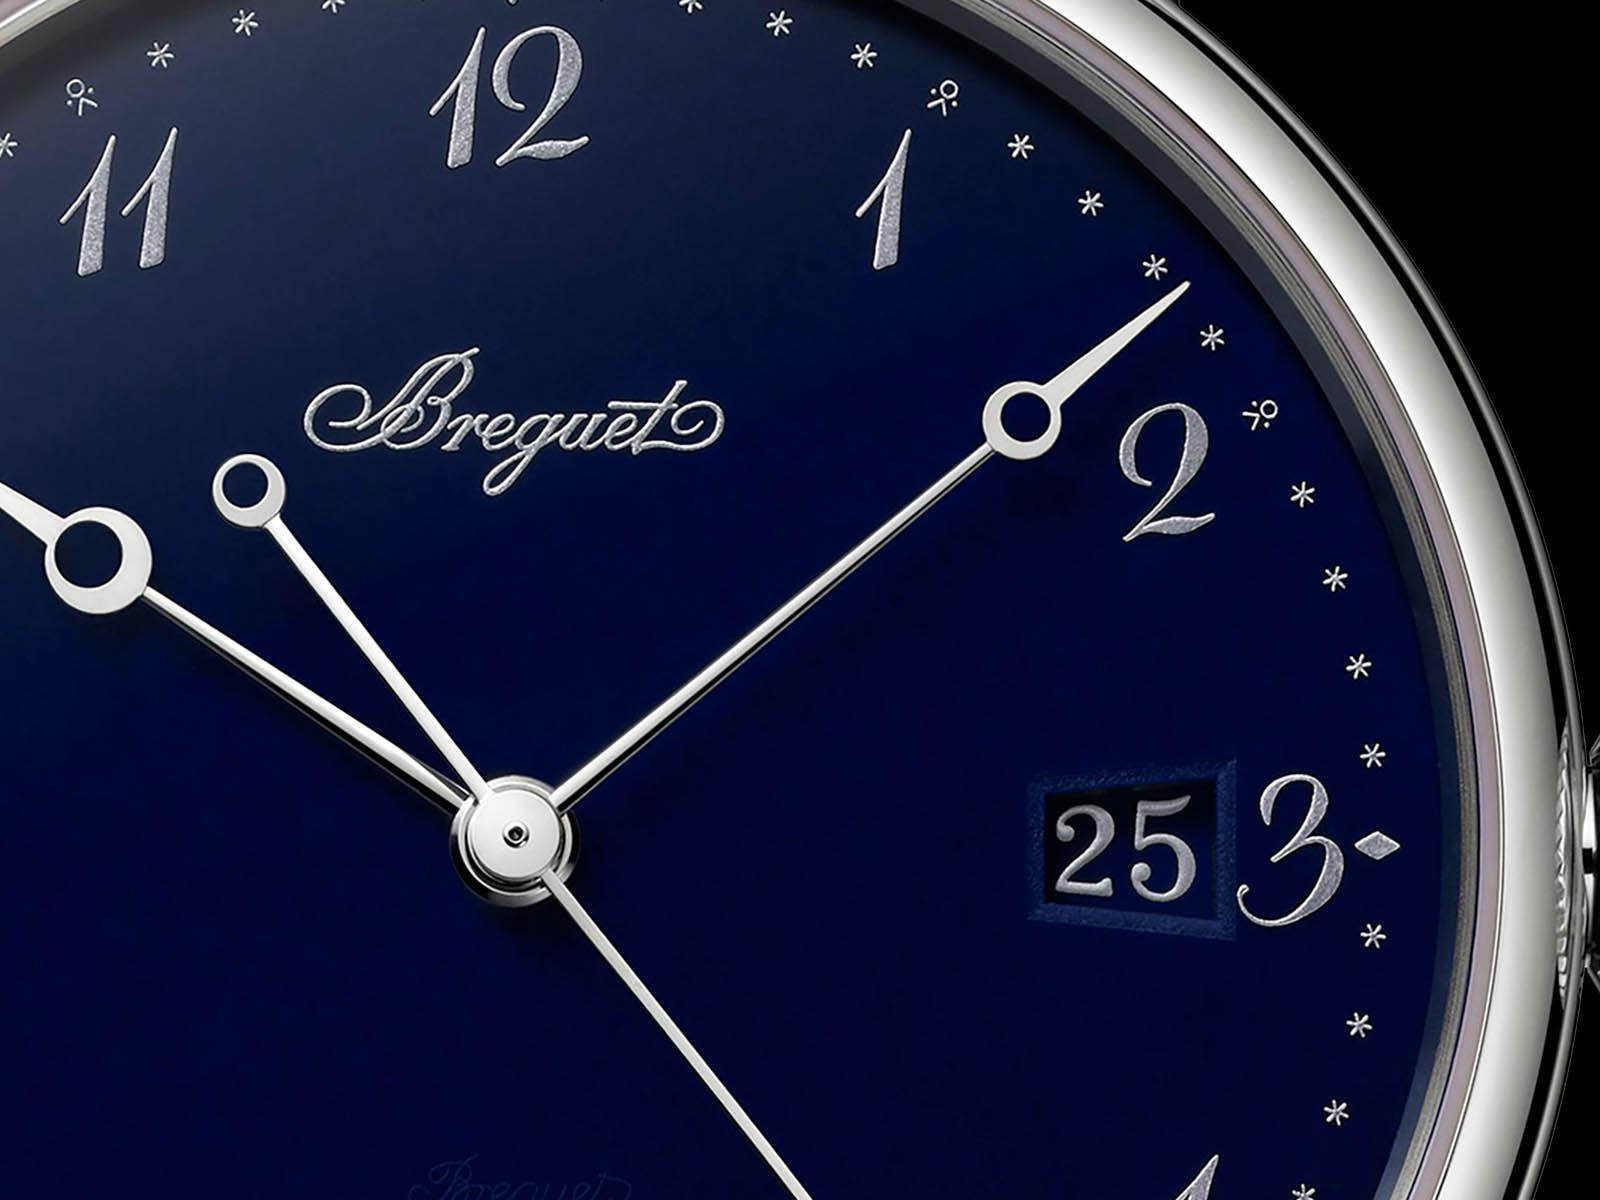 5177bb-2y-9v6-breguet-classique-5177-blue-grand-feu-enamel-4.jpg